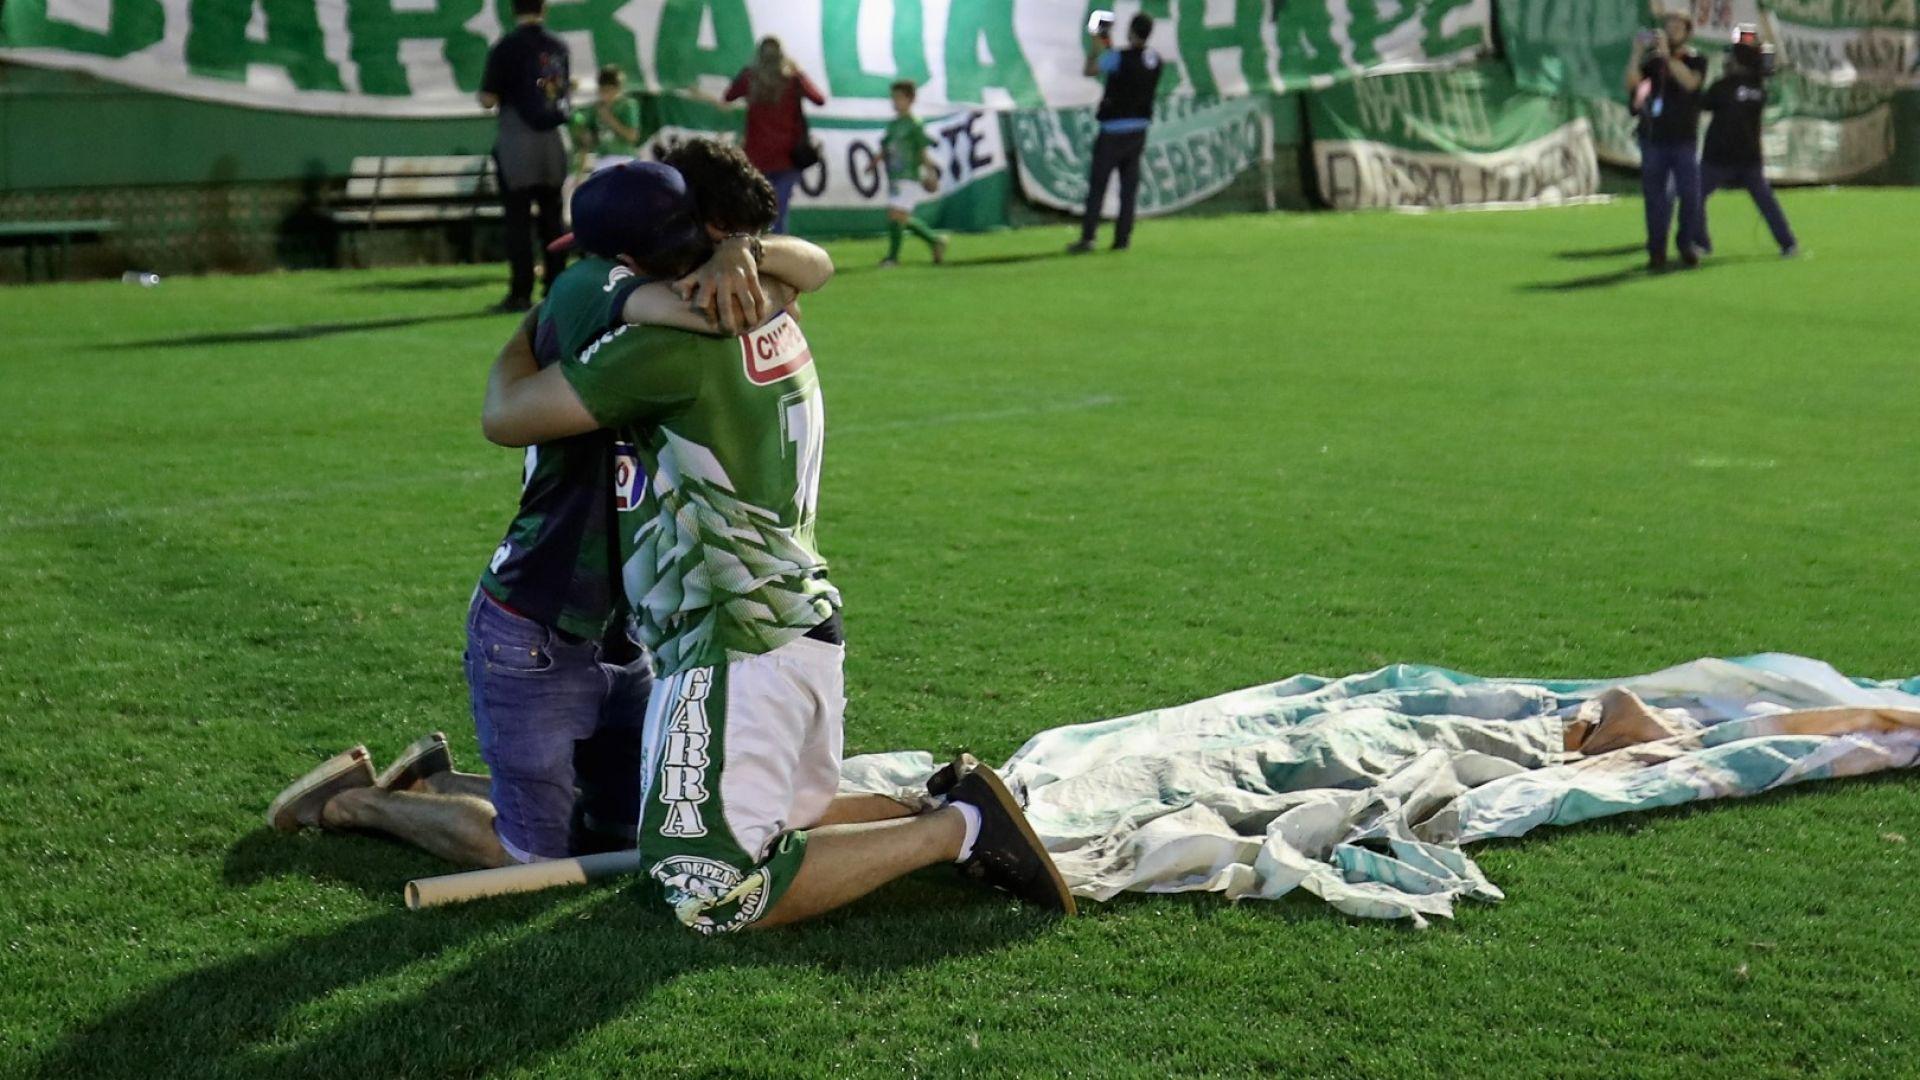 История като от филм: Оцелял в катастрофата на Чапекоензе почина, докато играеше футбол